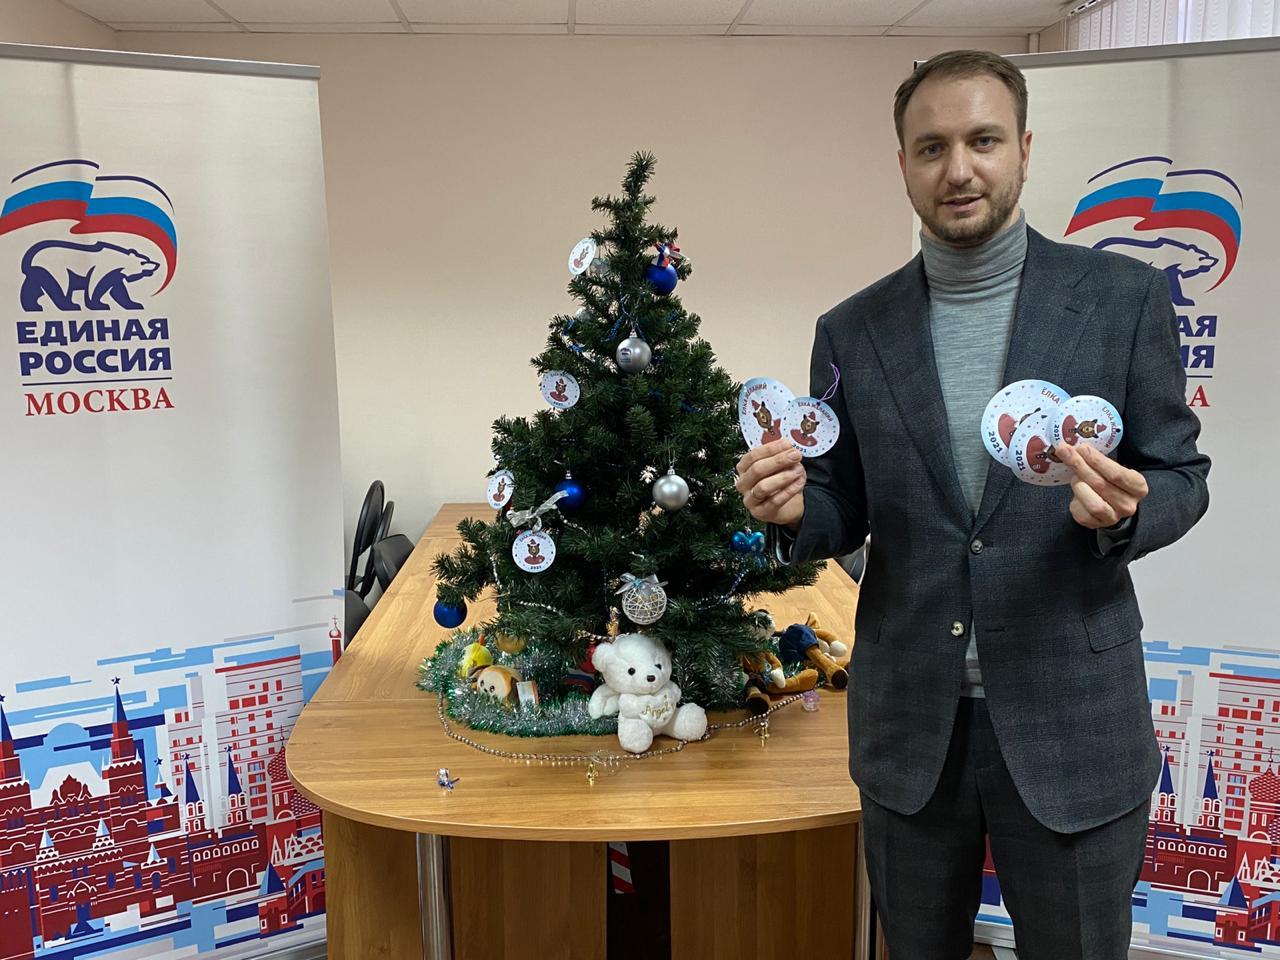 Елка желаний: Кирилл Щитов вручит подарки детям из Южного округа